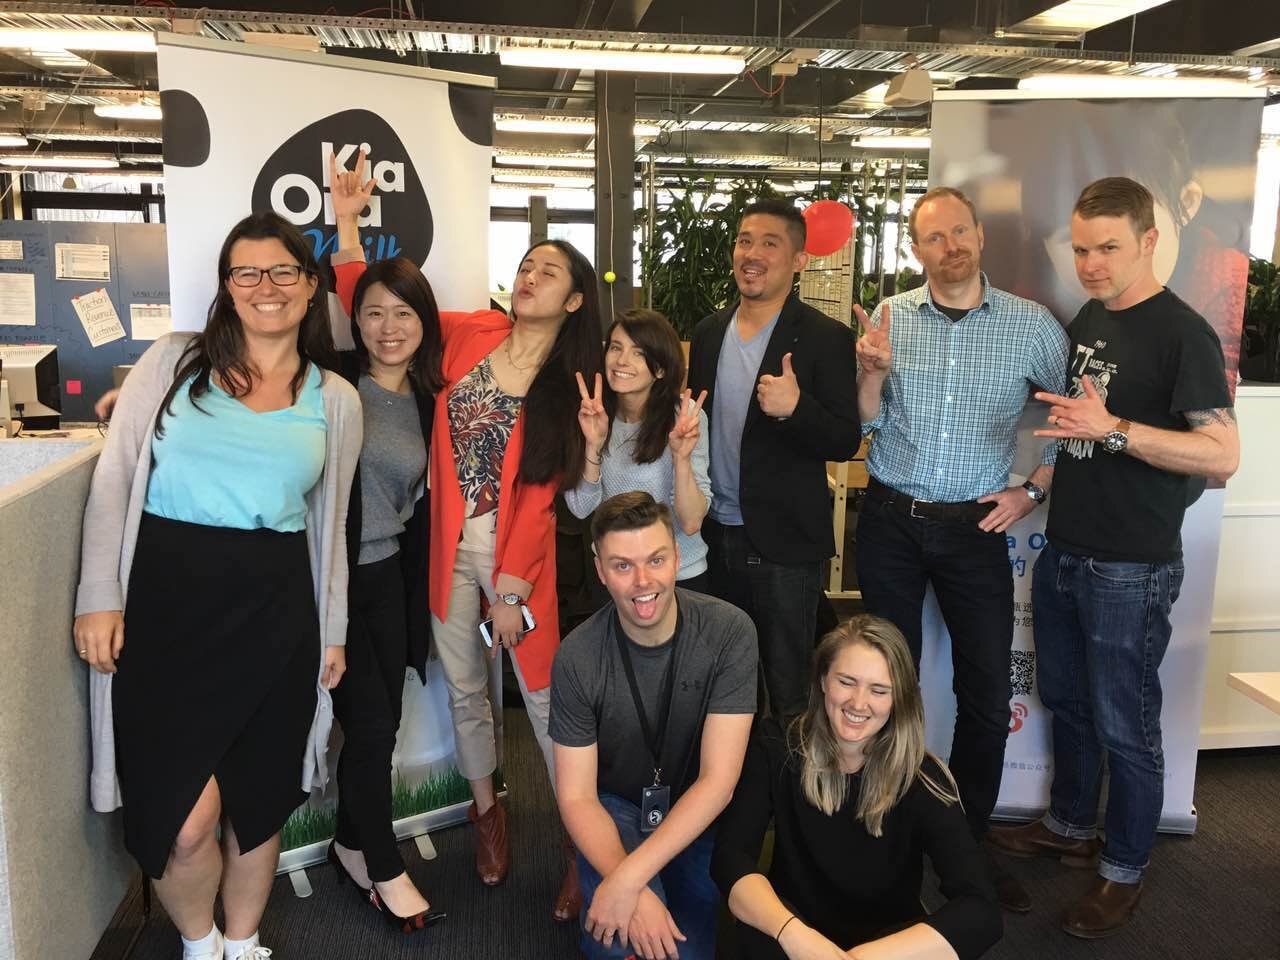 The amazing Kia Ora Milk team